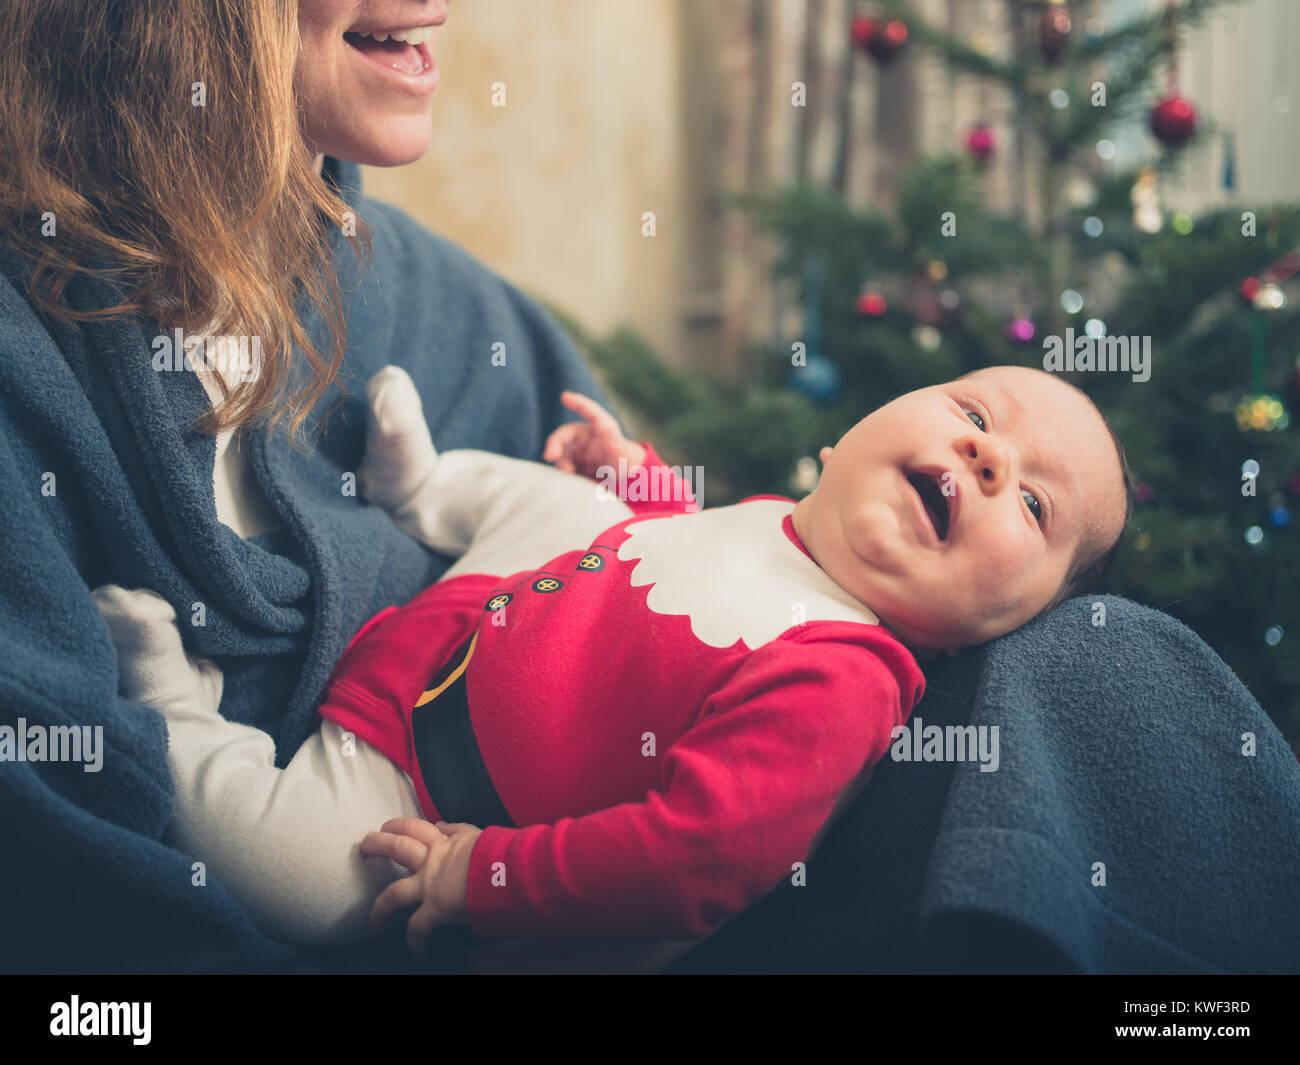 Un bébé heureux wearing a santa outfit en face de l'arbre de Noël Photo Stock